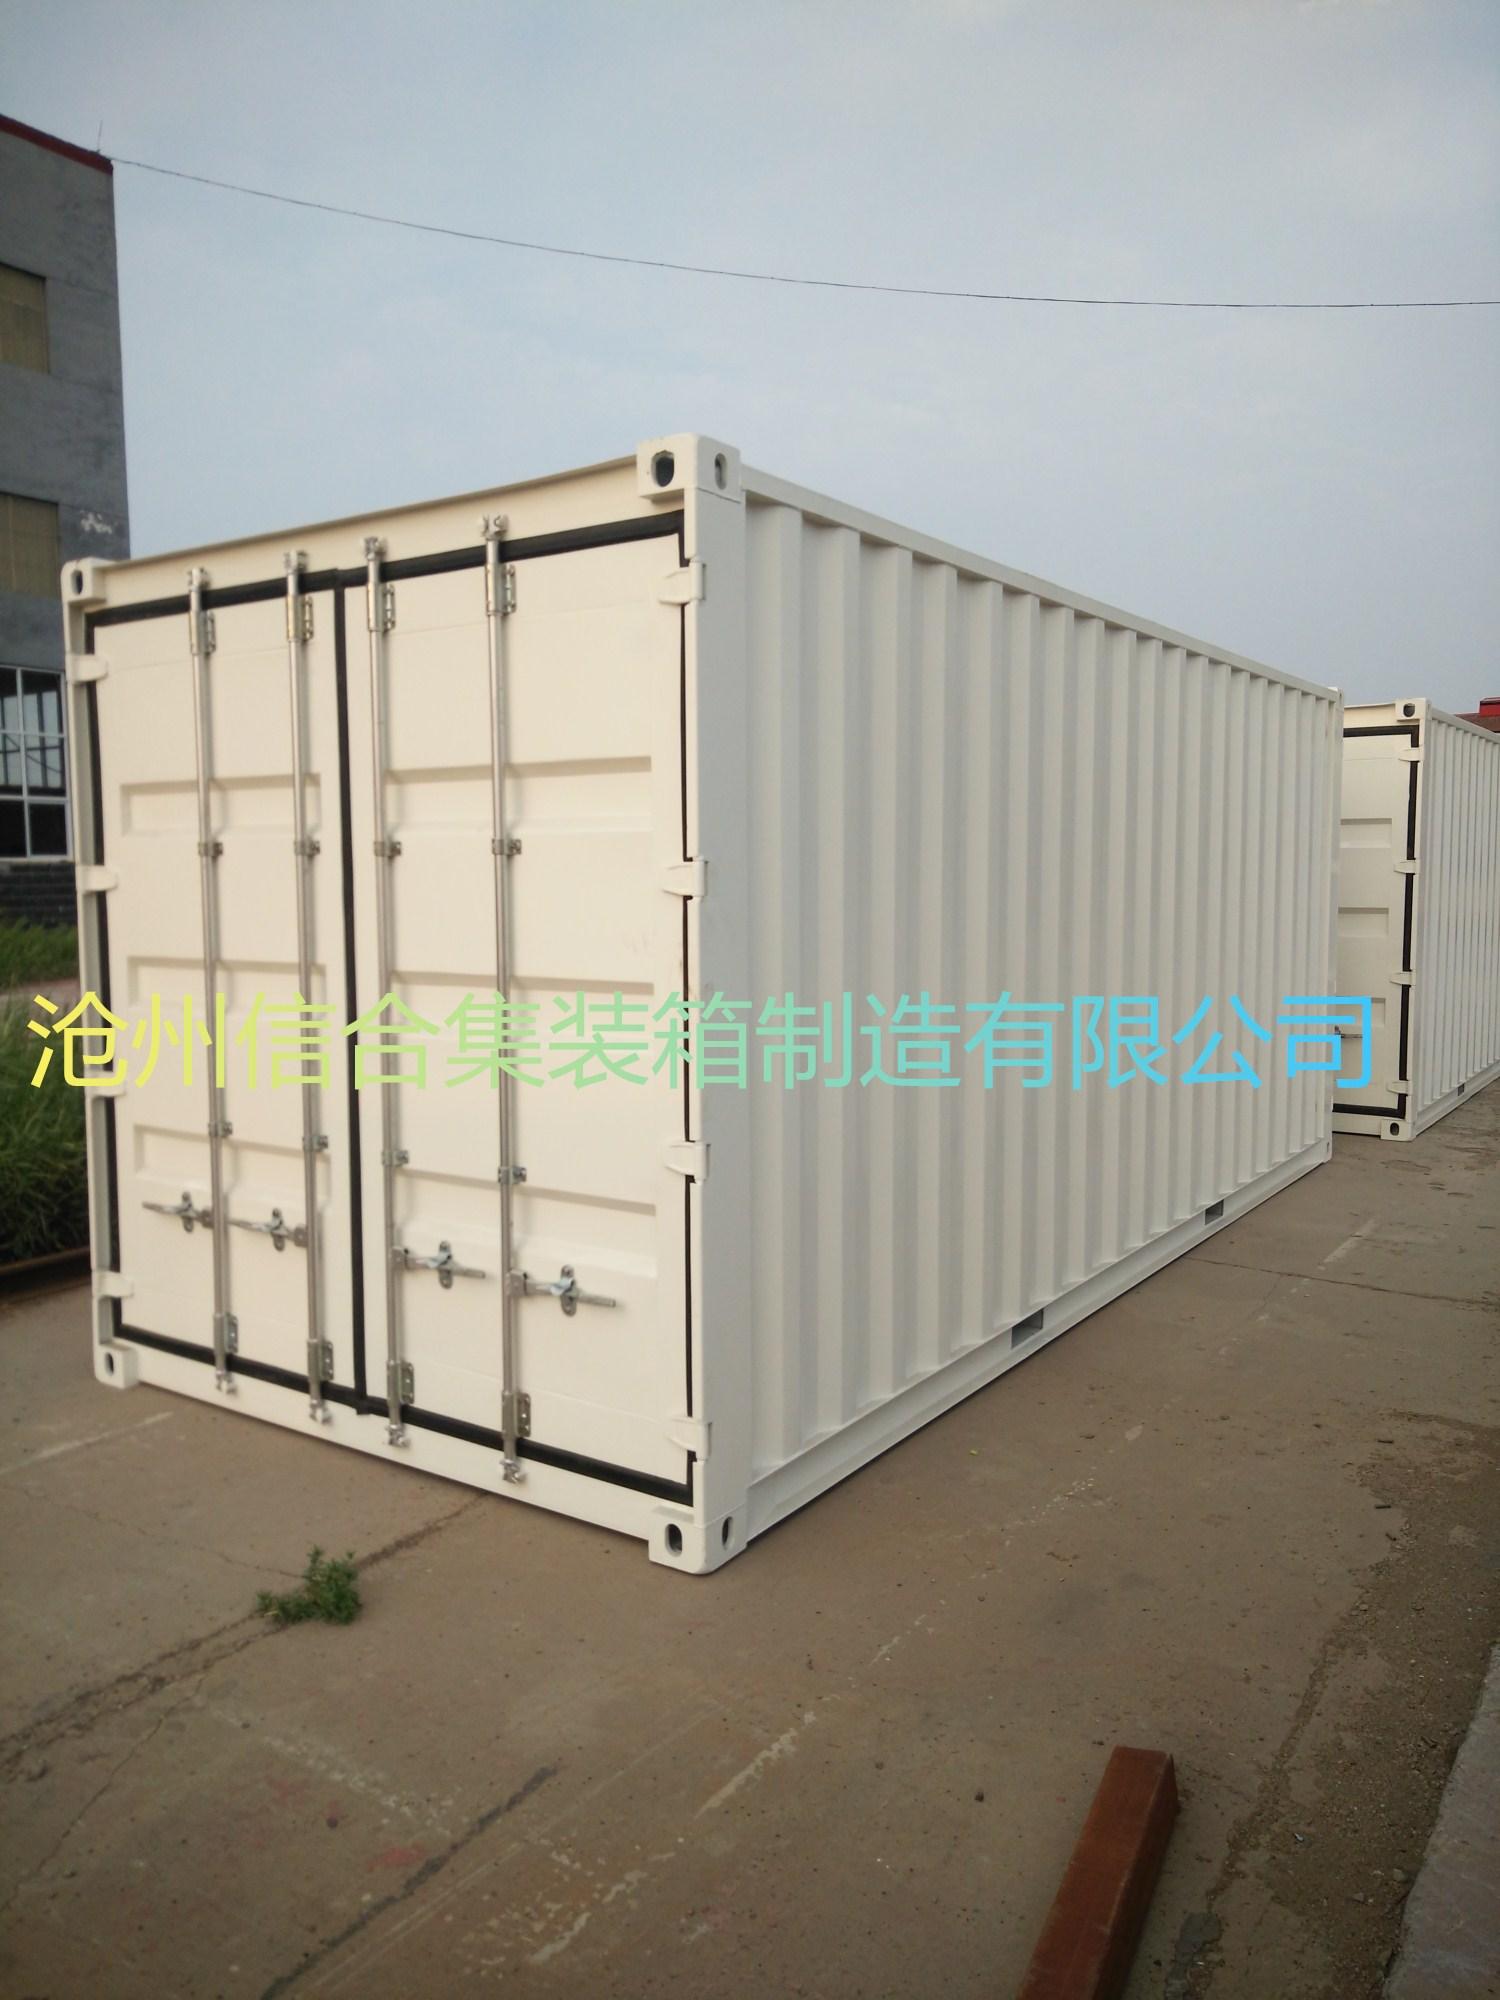 定制標準集裝箱 10英尺 20英尺 40英尺信合供應